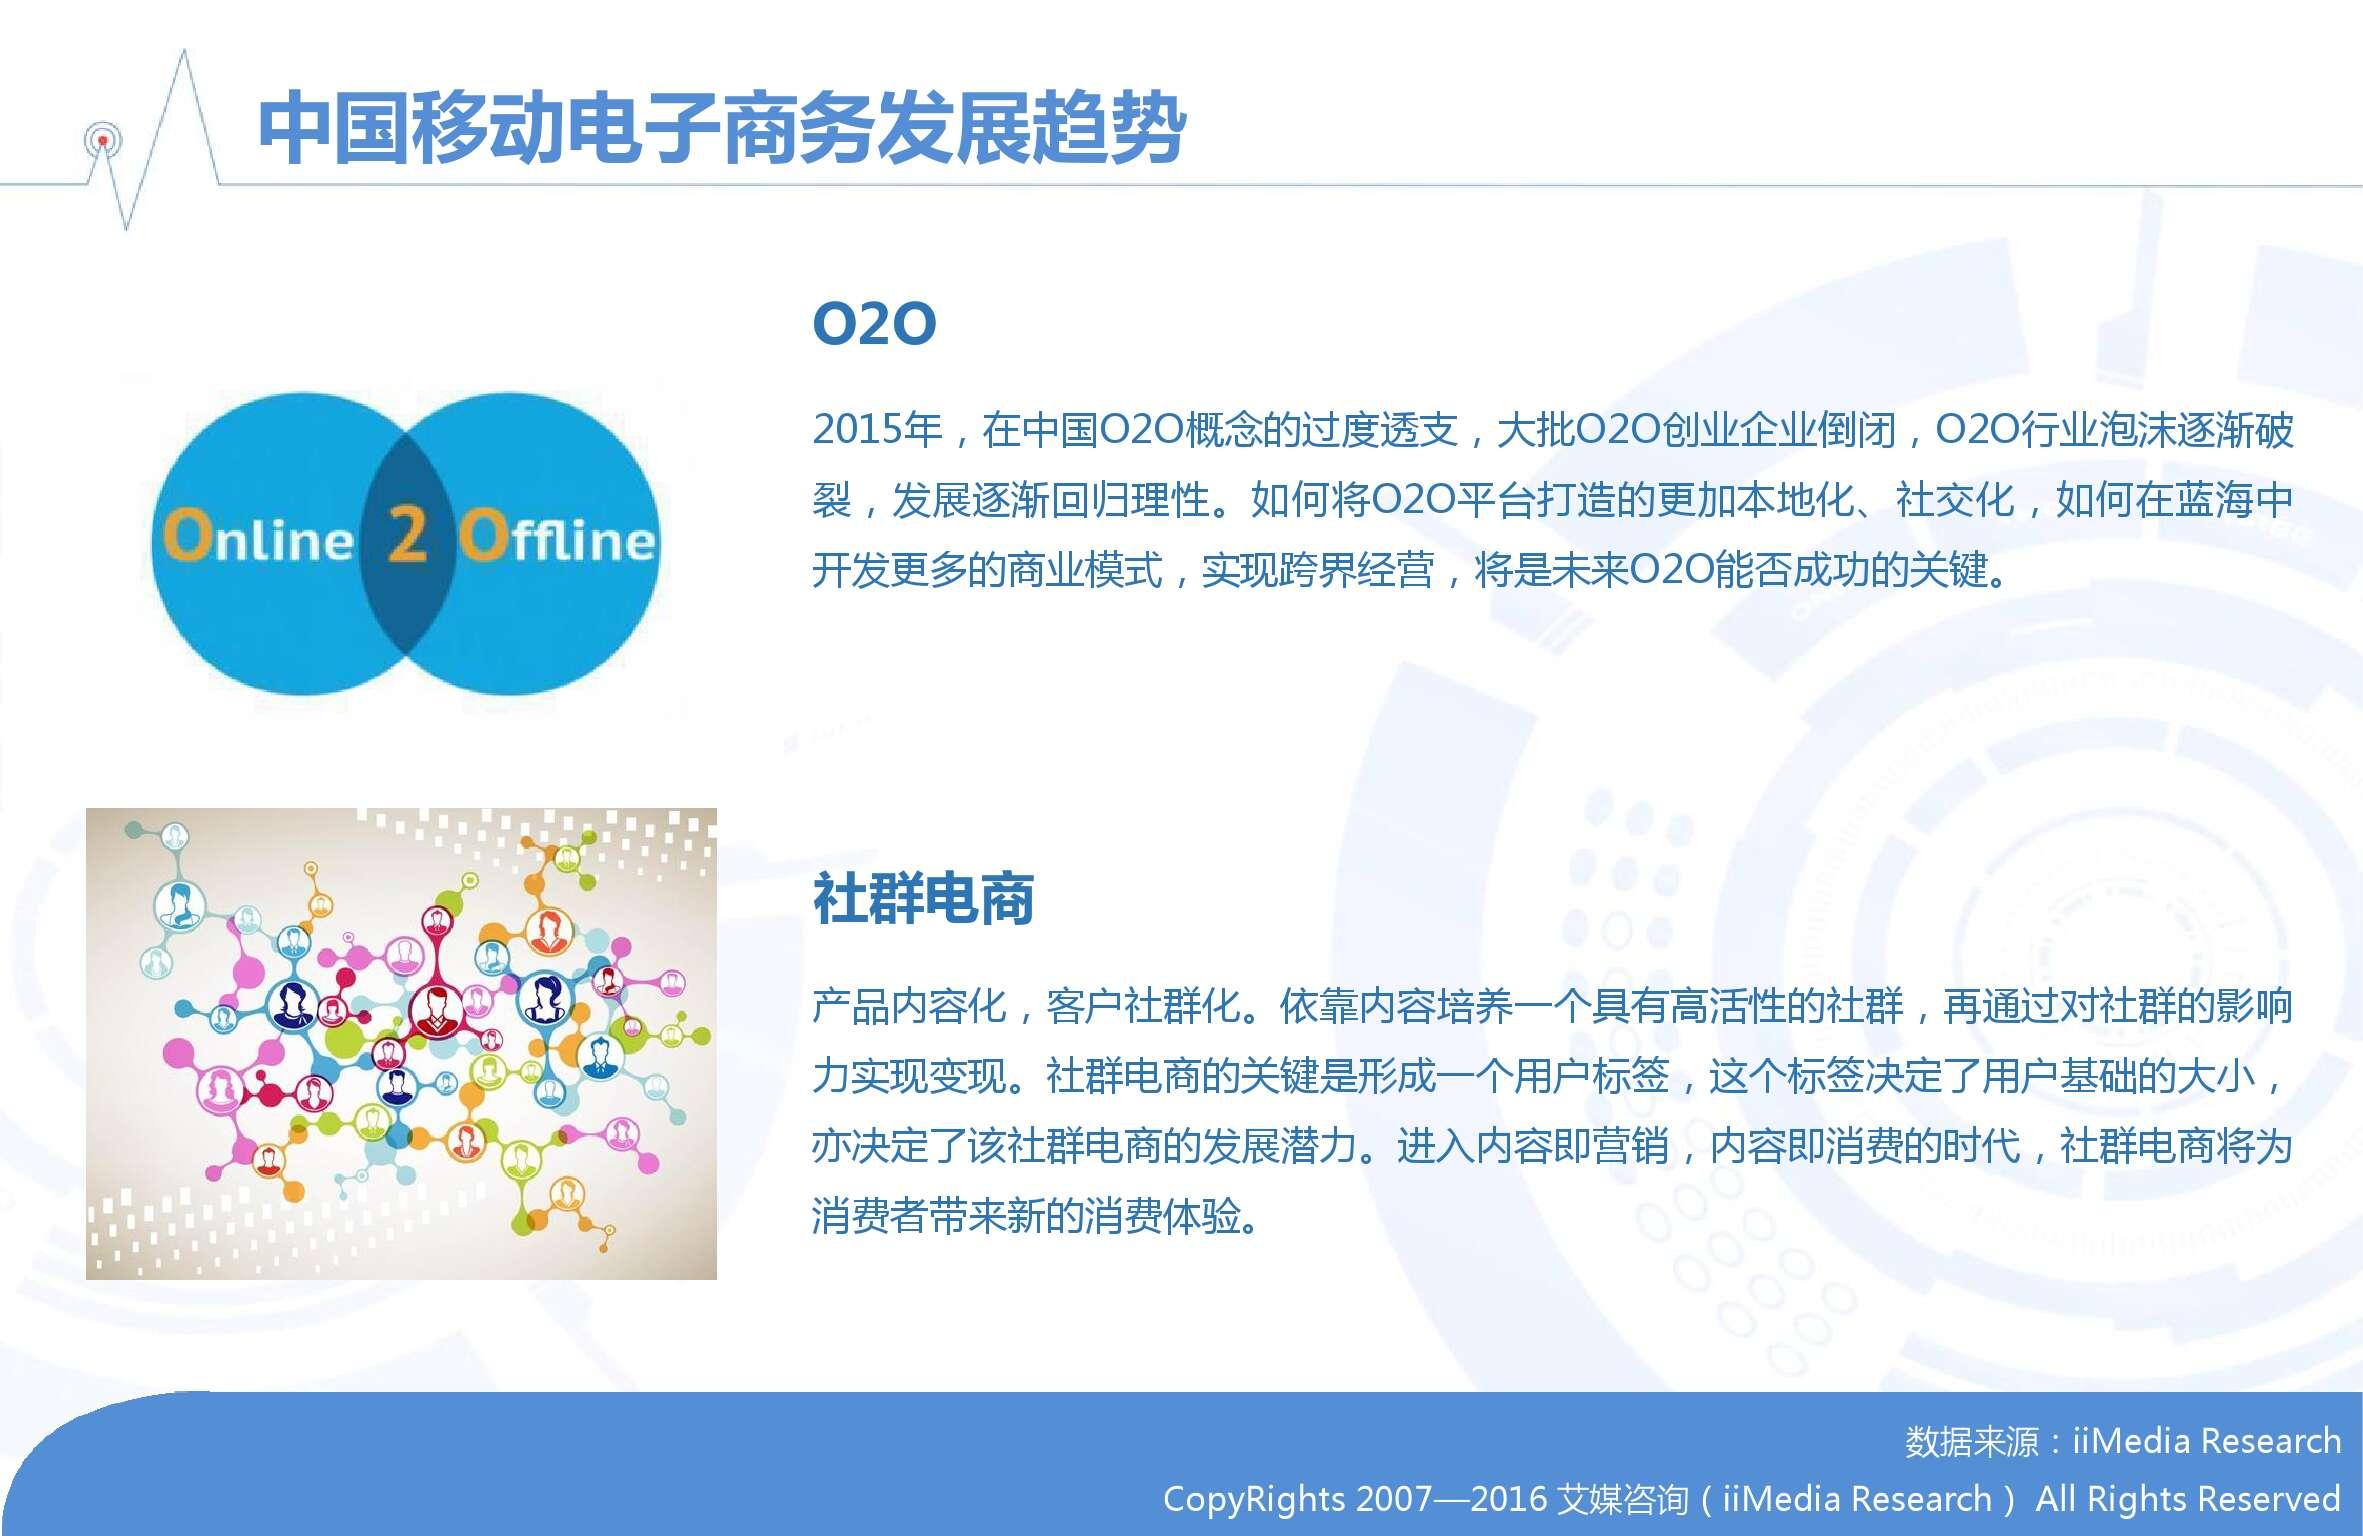 2015-2016中国移动电商市场年度报告_000025